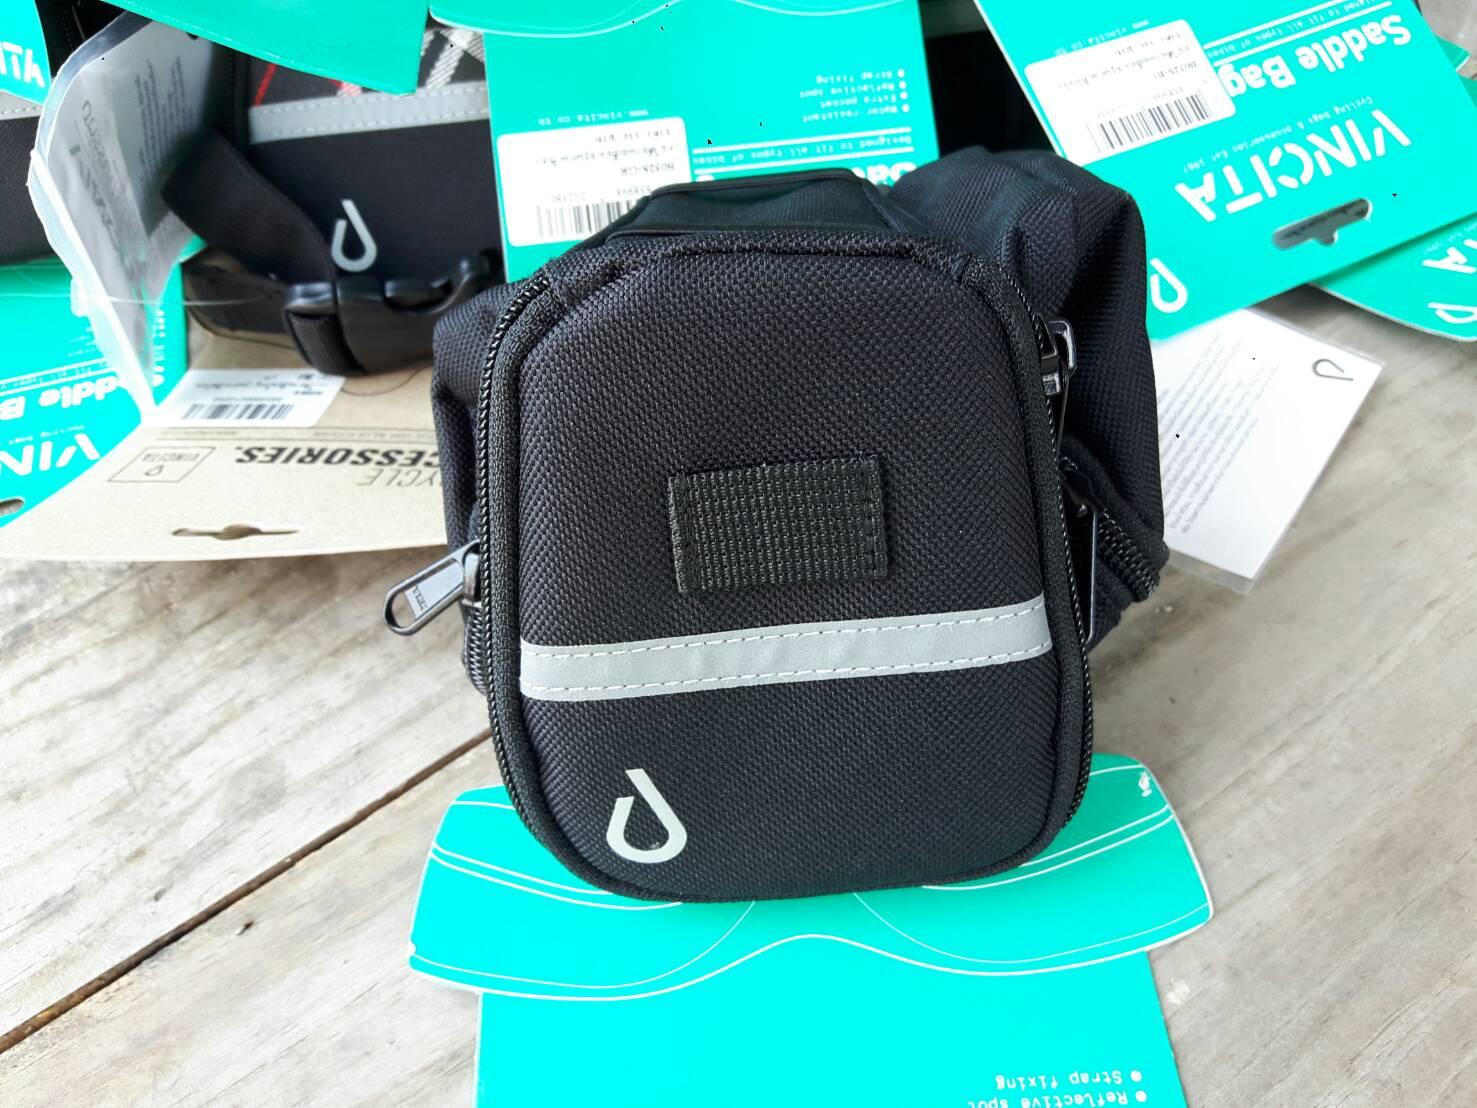 กระเป๋าใต้อาน Vincita 2017 ราคาเริ่มต้นที่ 330 350 380 บาท